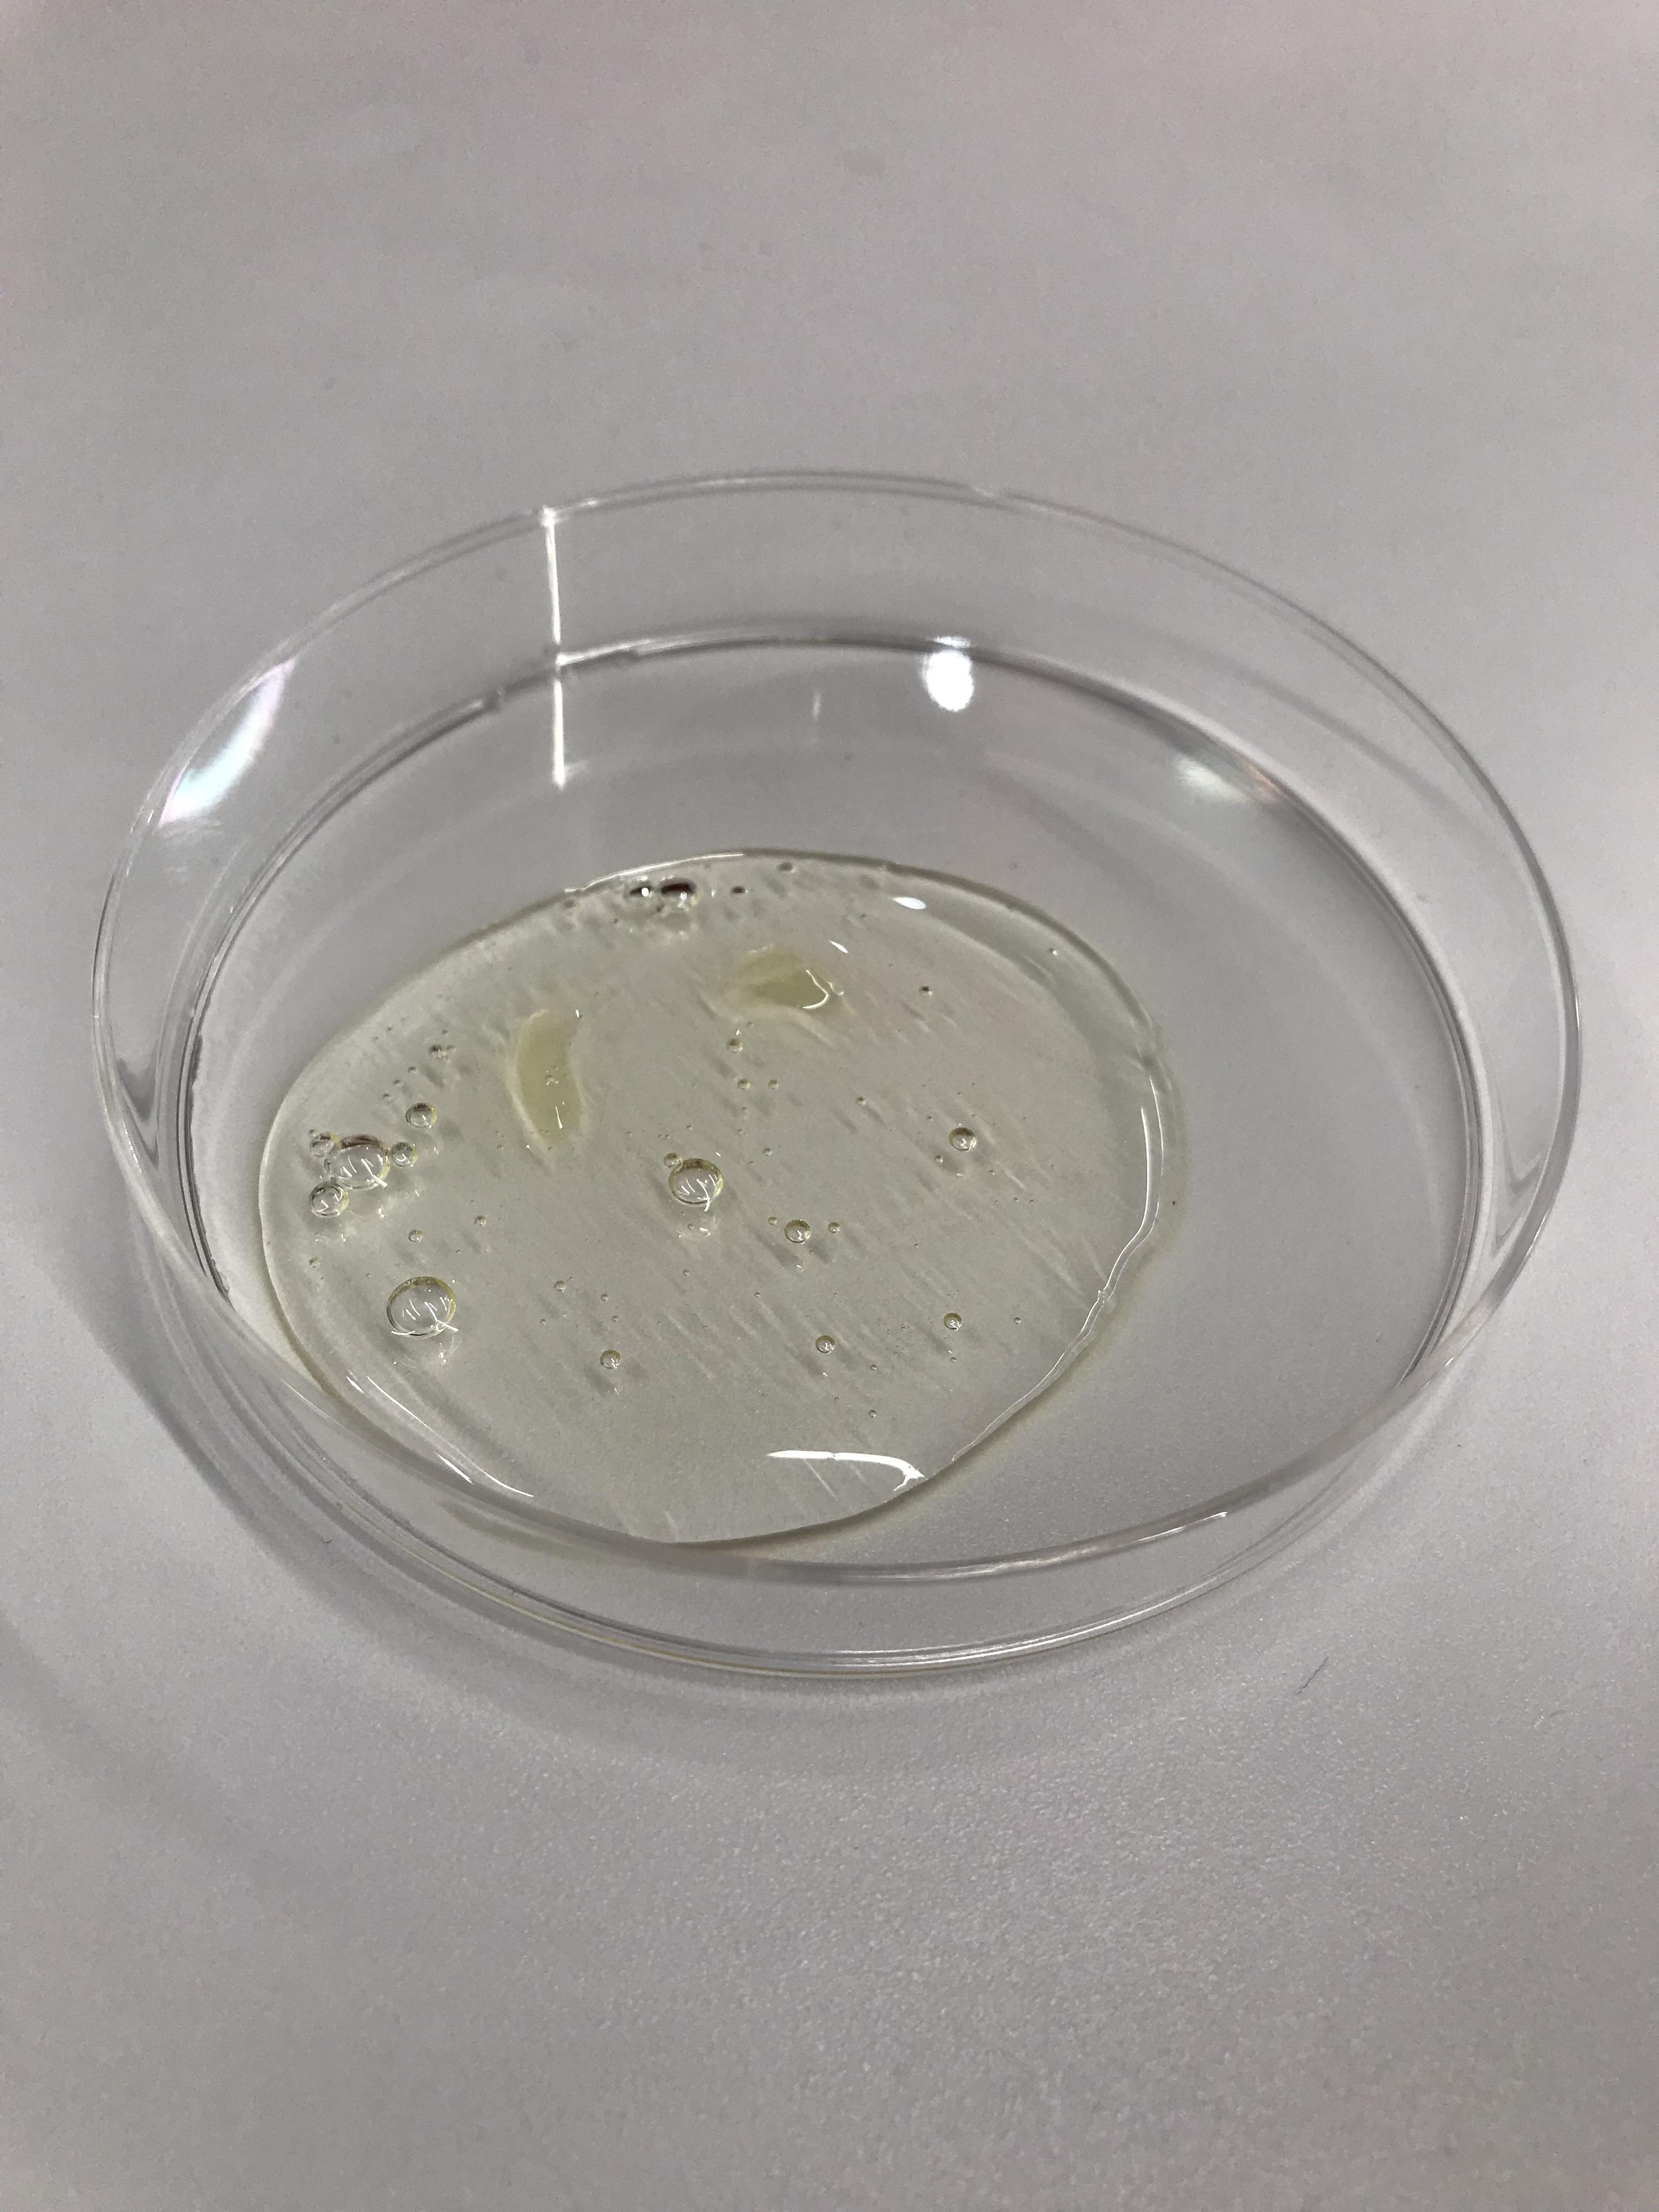 スカルプDスカルプシャンプーのシャンプー液